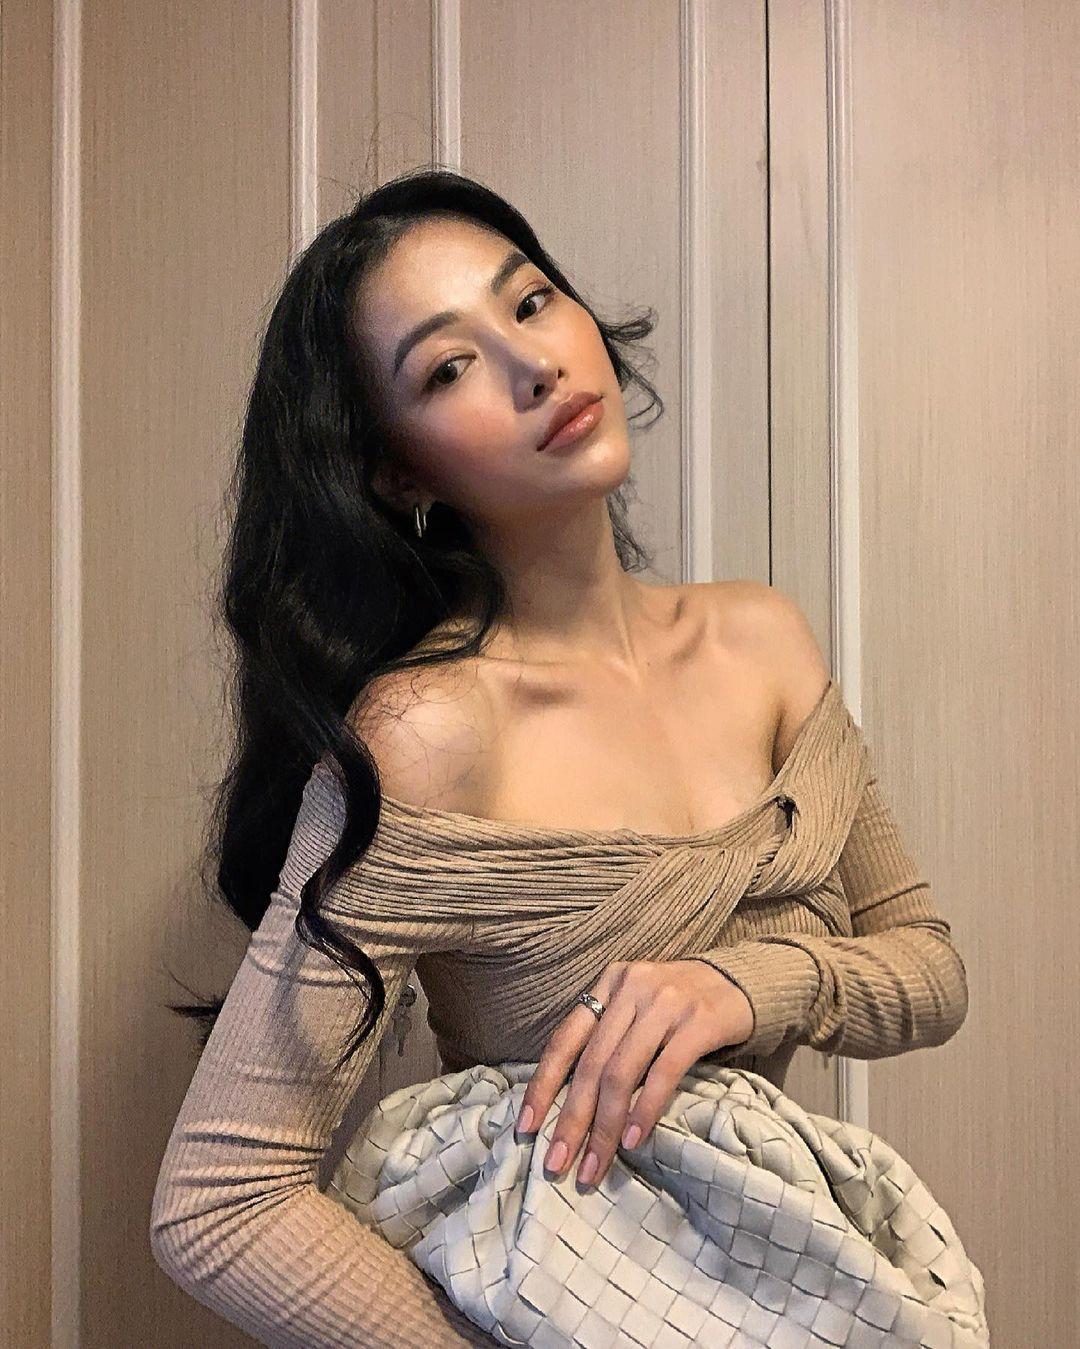 Thiết kế xoắn vai tôn dáng này là của một local brand Việt, có giá 2.250.000 đồng. Hoa hậu Phương Khánh cũng từng khoe vẻ sexy với cùng trang phục.